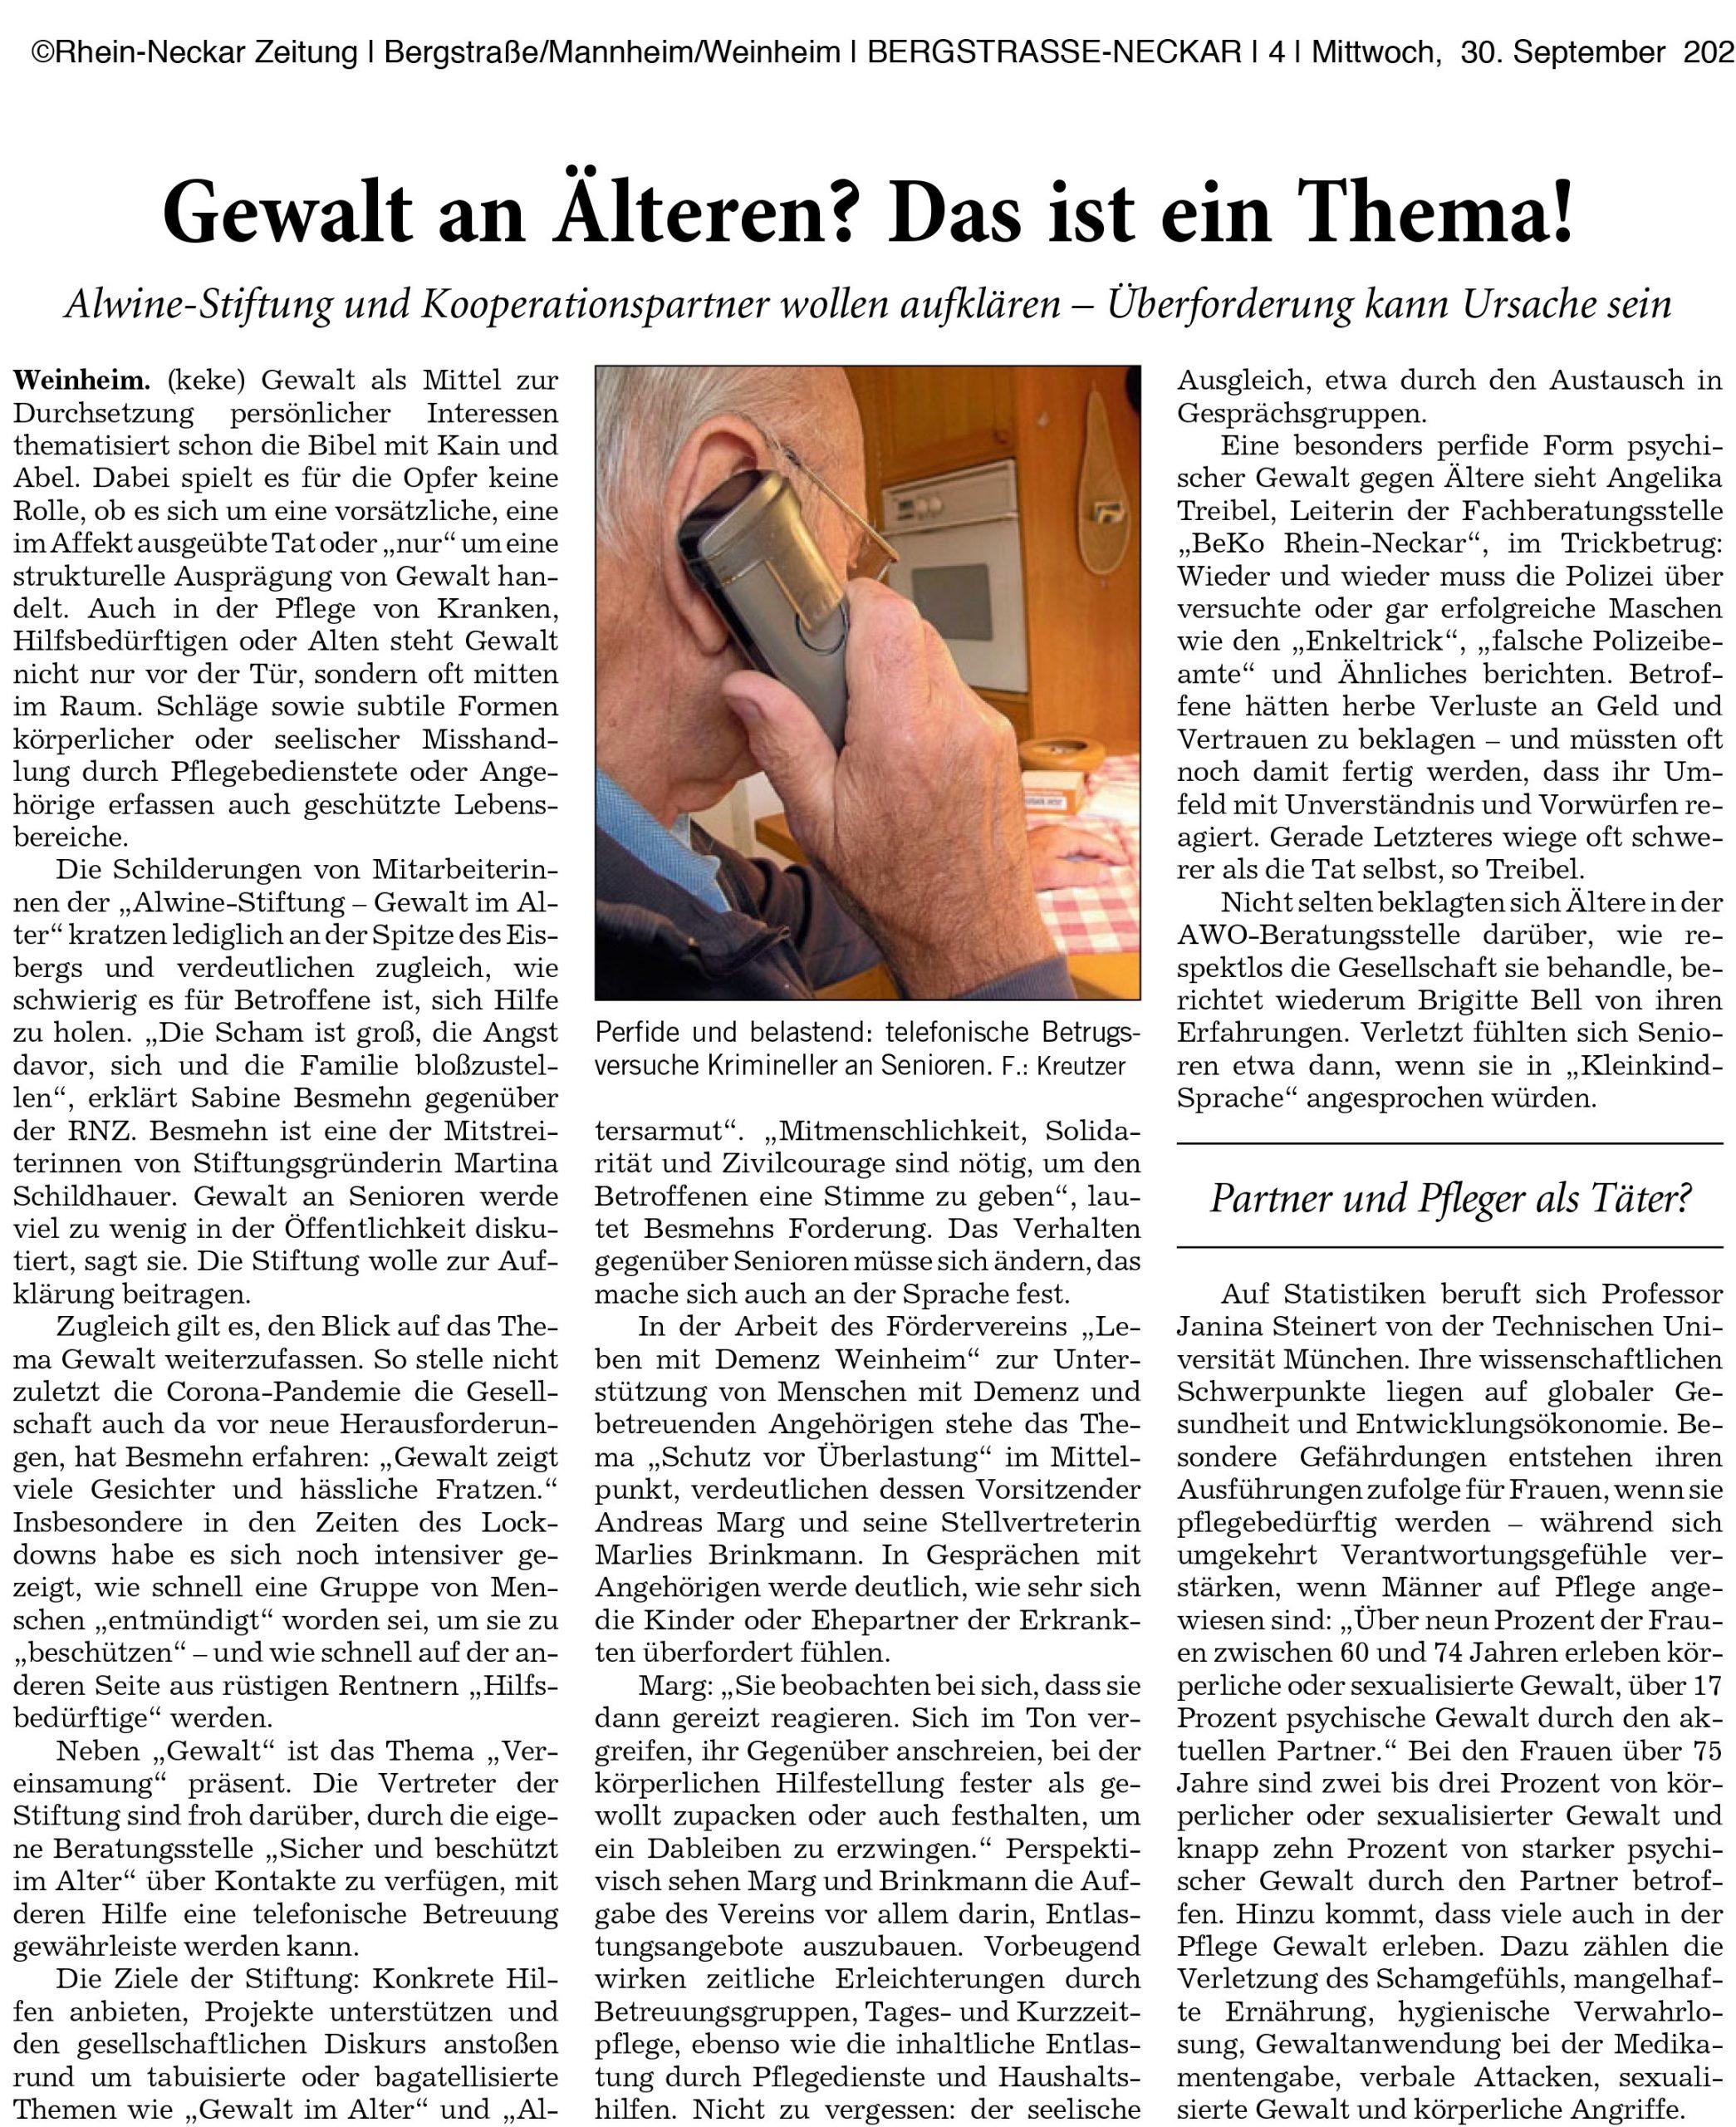 Artike der RNZ Alwine Stiftung